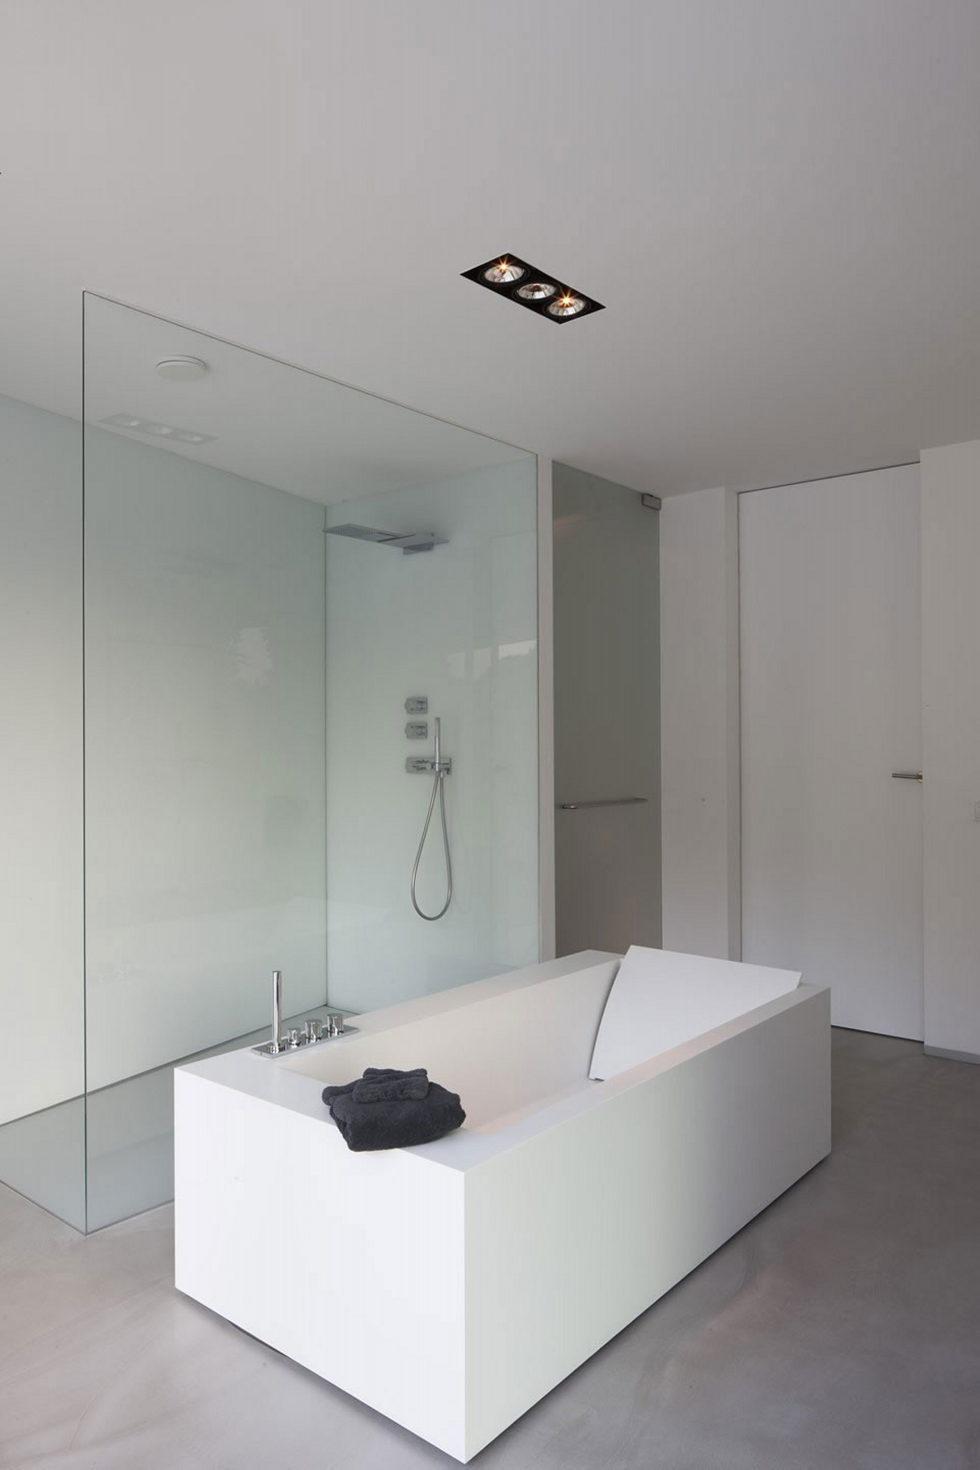 Spee Haelen Minimalism-Style Villa From Lab32 architecten Studio 25